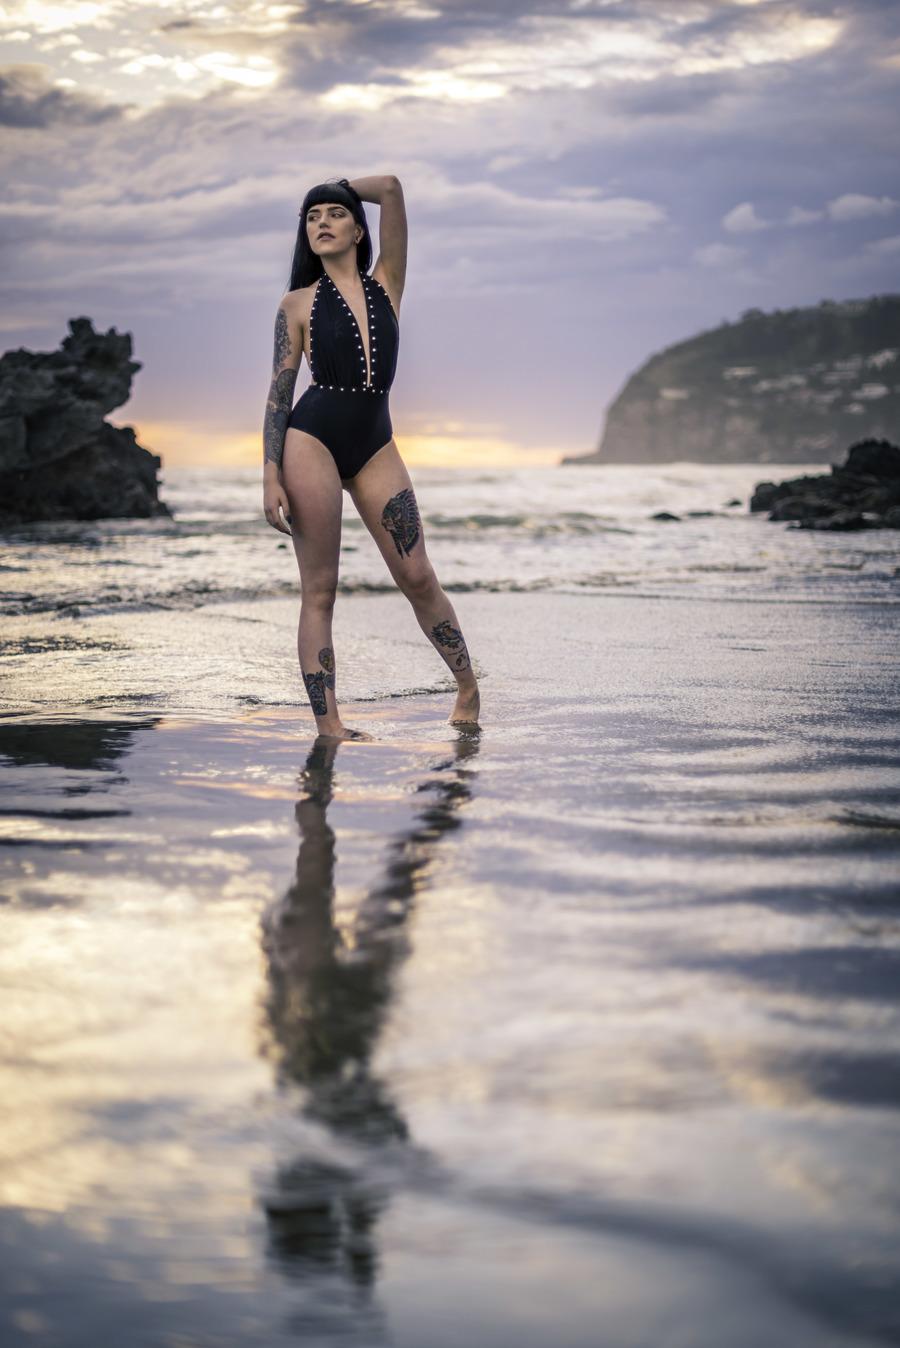 Model Ashley Lorelle / Uploaded 22nd February 2018 @ 09:16 PM